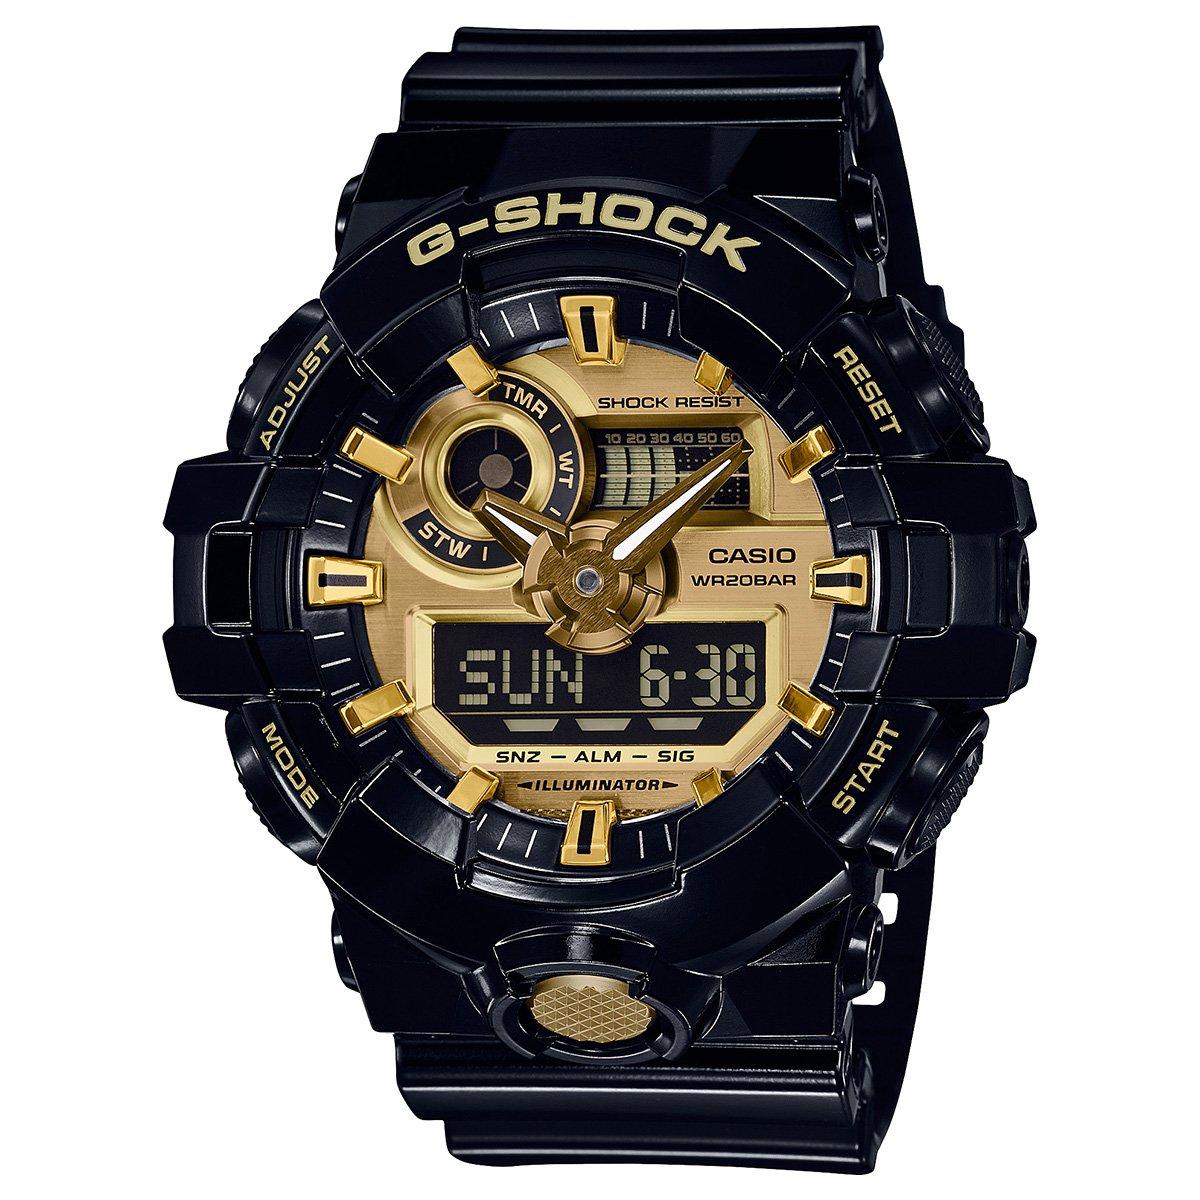 361ea7b05e8 Relógio Digital G-Shock GA-710GB-1ADR - Preto e Dourado - Compre Agora